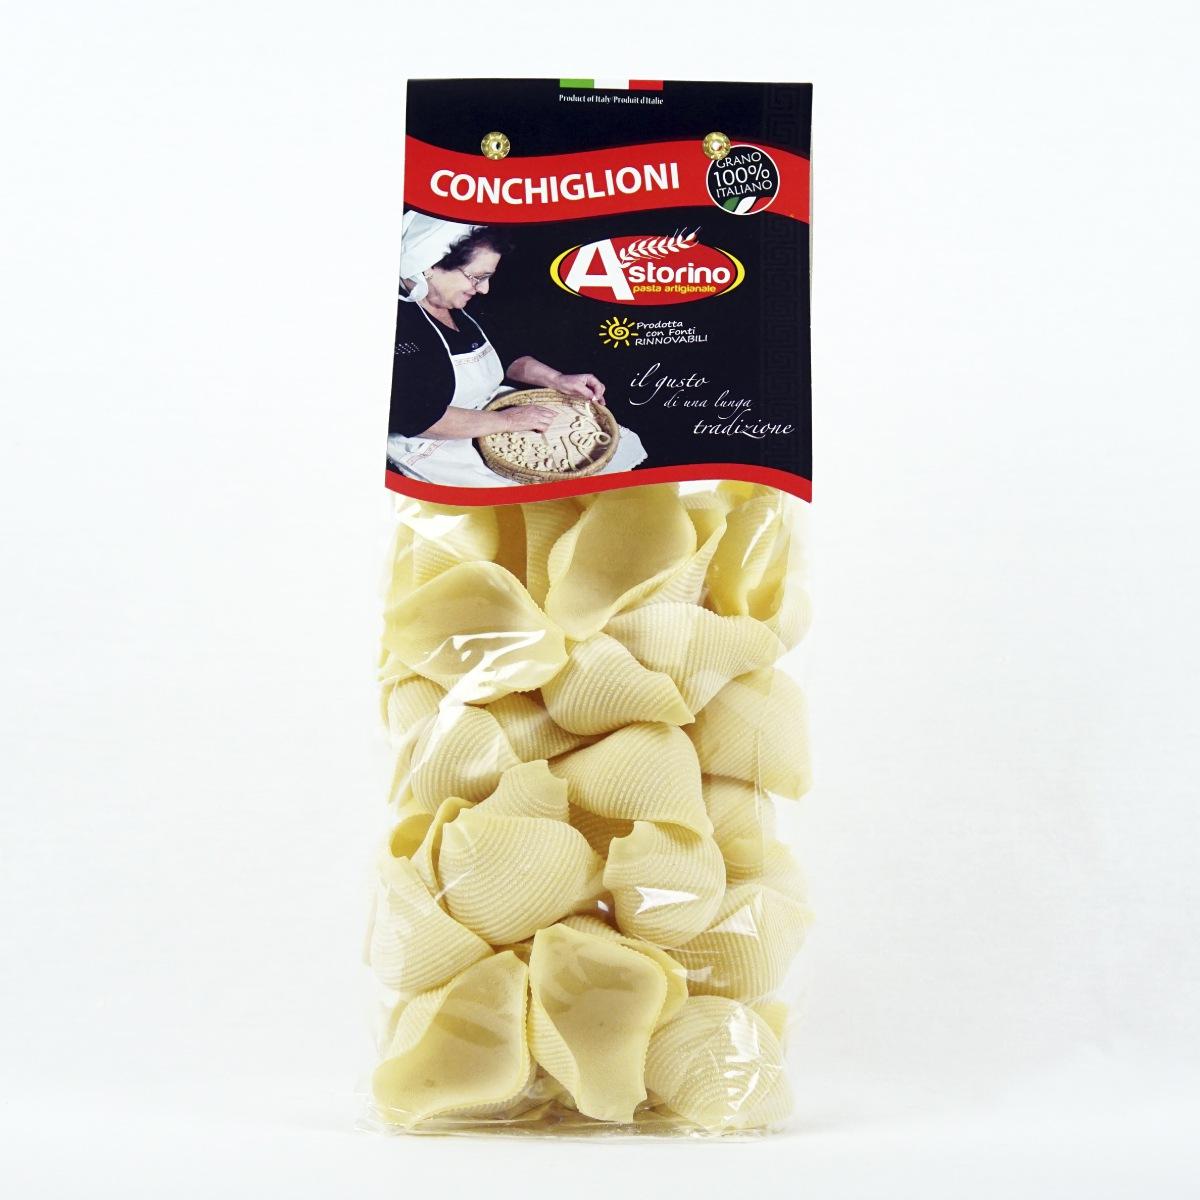 pasta_tradizionale_di_grano_duro_conchiglioni_f